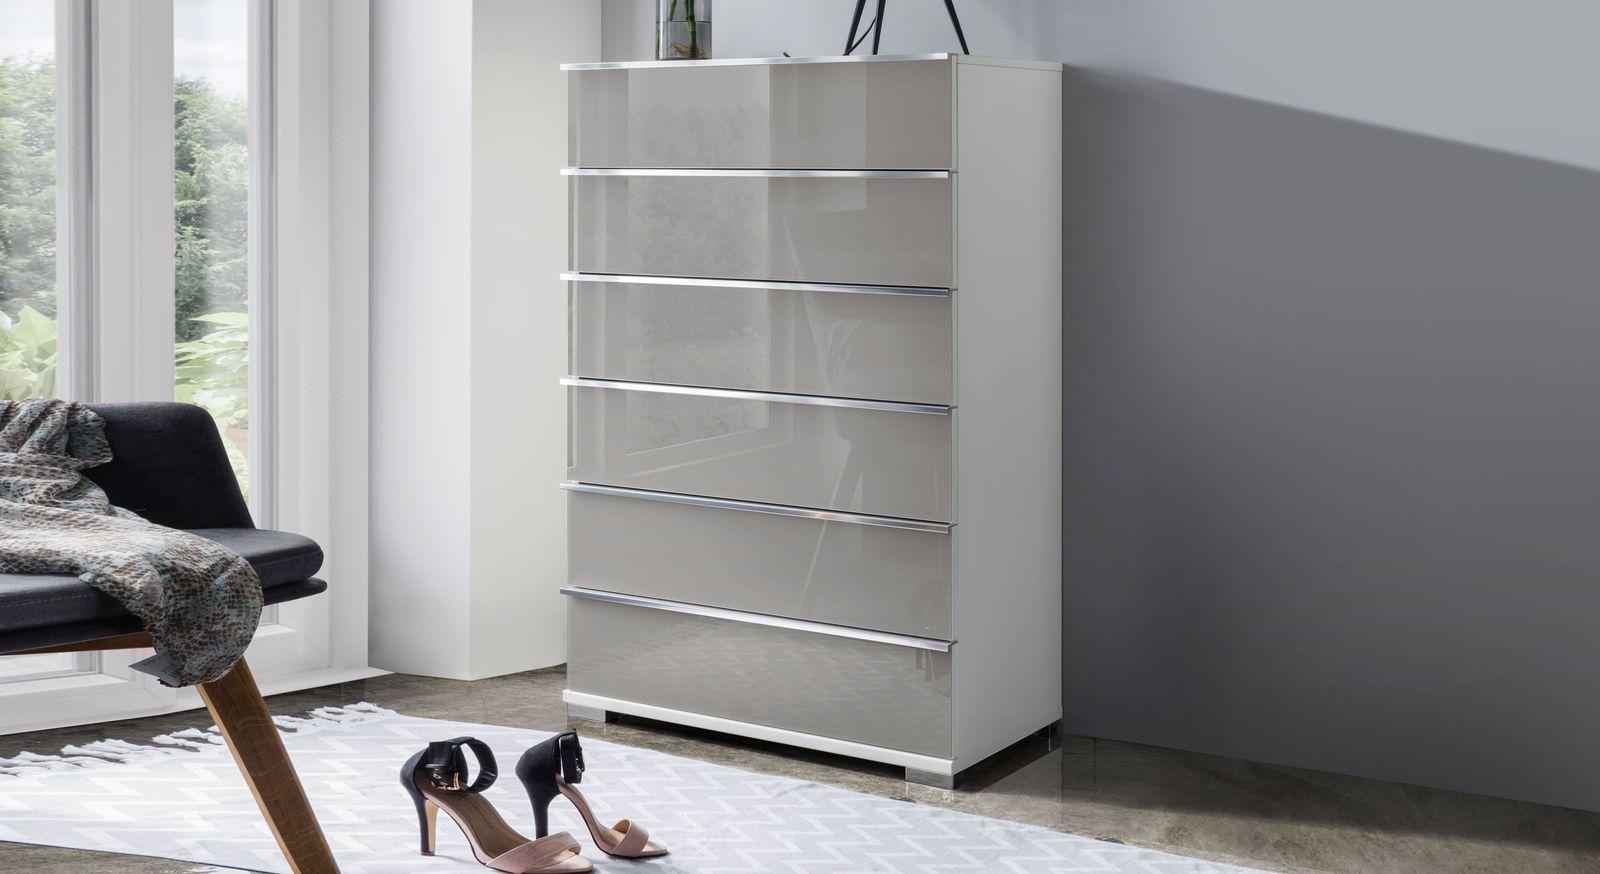 hohe schubladen kommode in wei und grau 6 ausz ge shanvalley. Black Bedroom Furniture Sets. Home Design Ideas